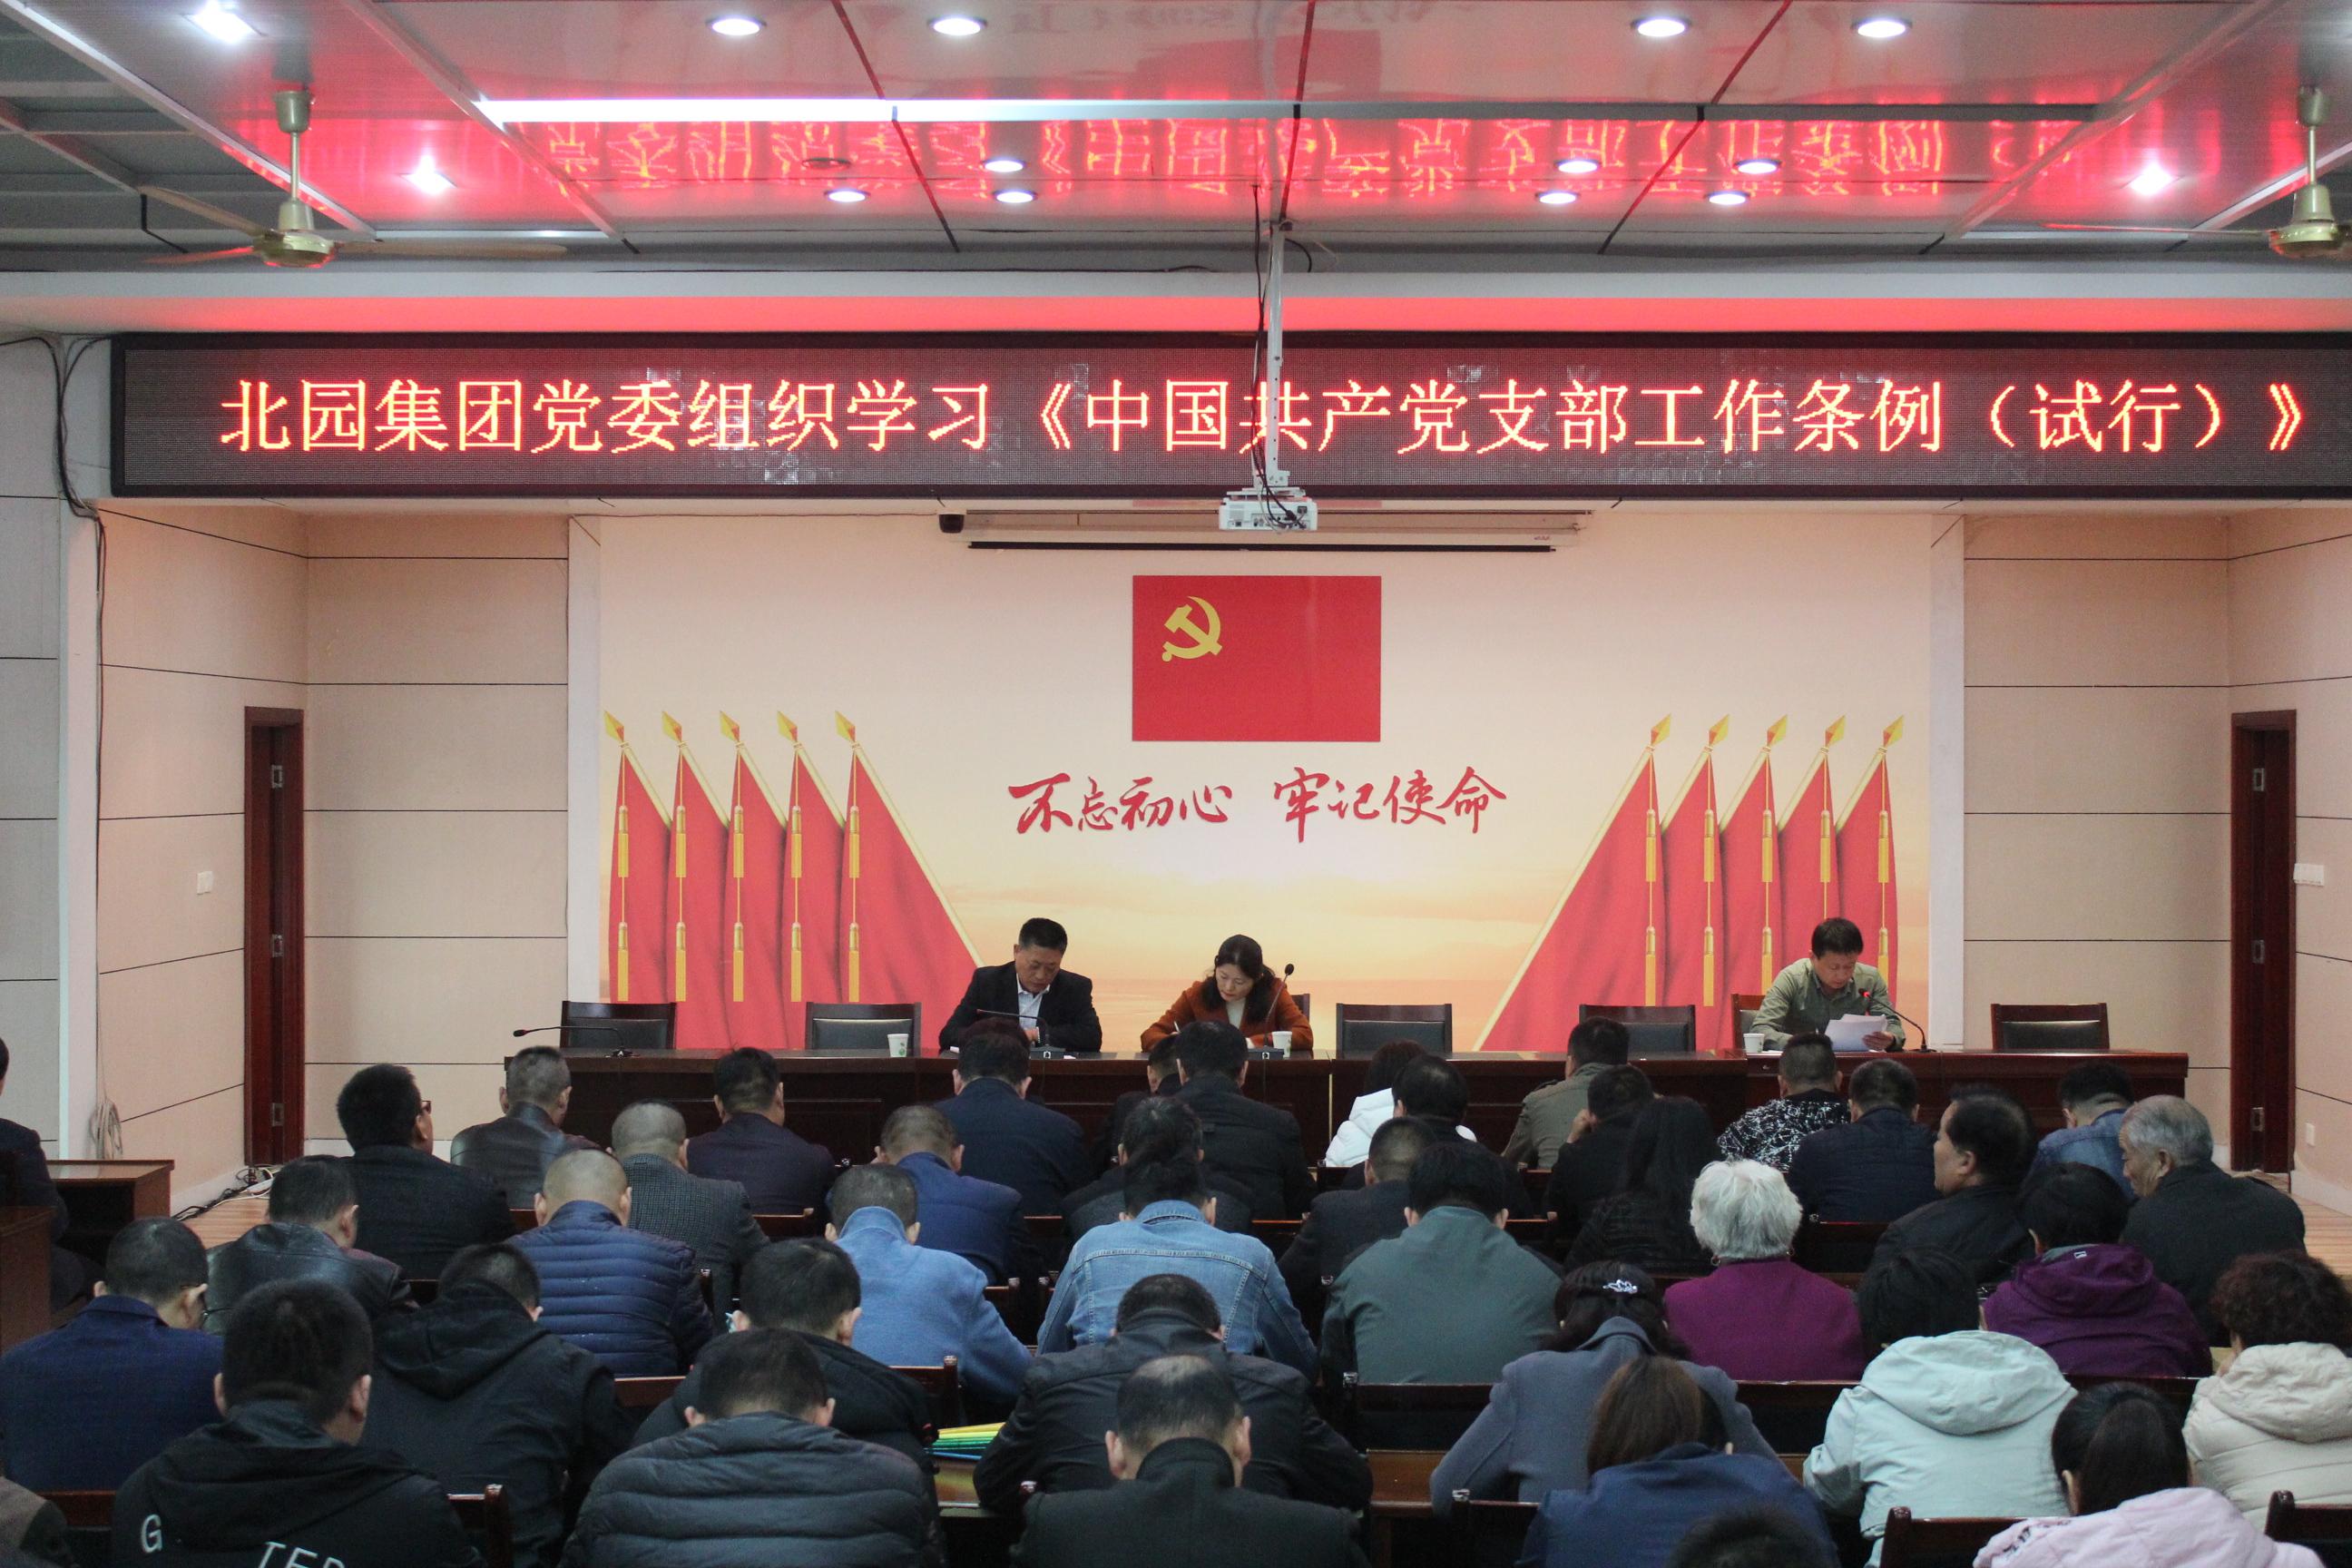 北園集團黨委組織學習《中國共產黨支部工作條例(試行)》